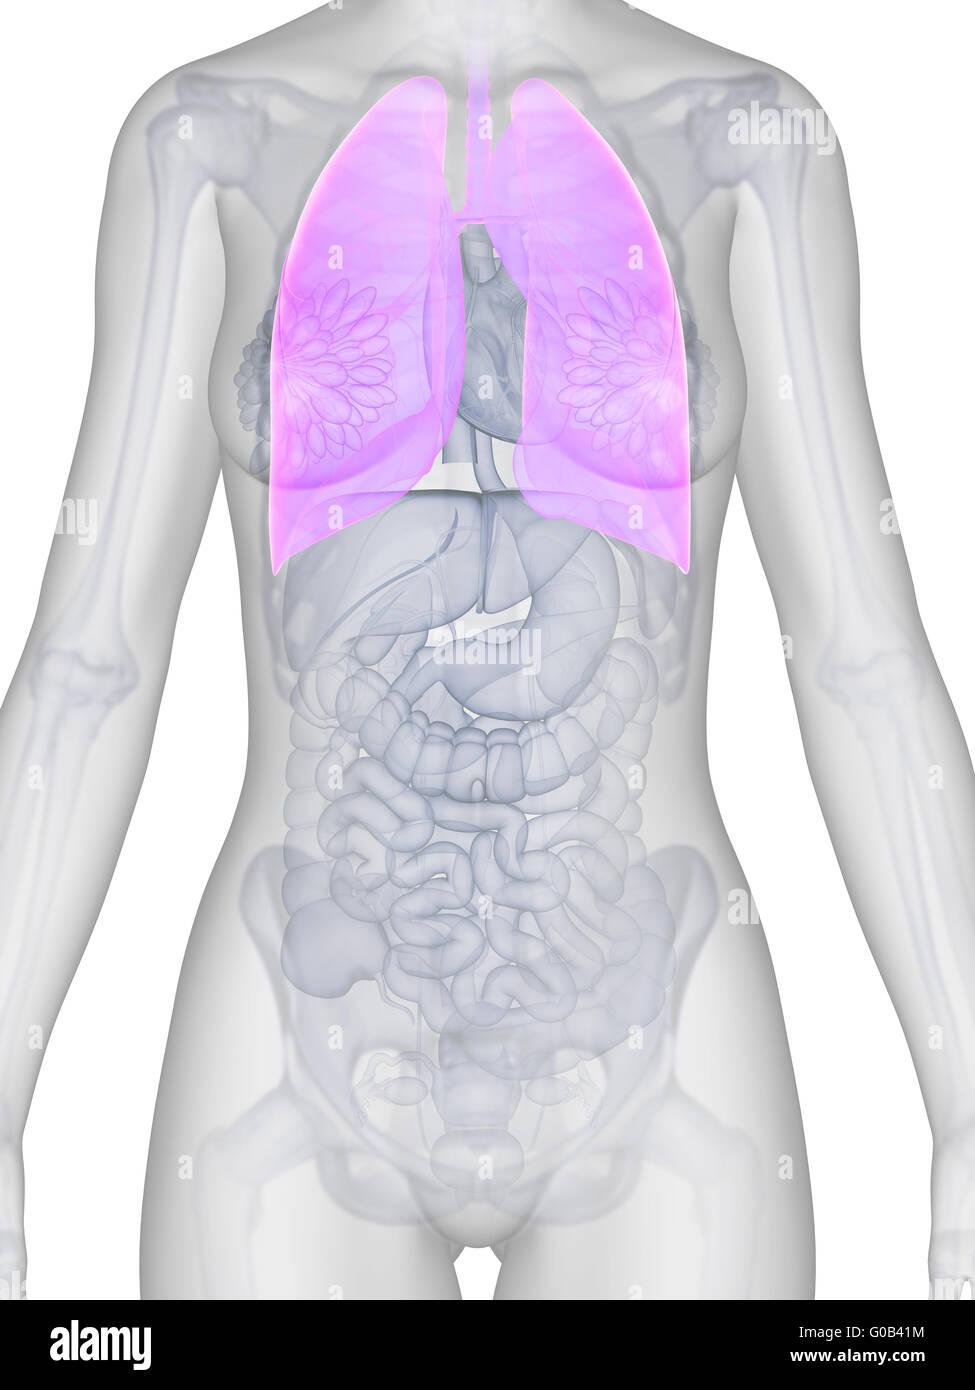 Fantastisch Komplette Anatomie Des Menschen 3d Bilder - Anatomie Von ...